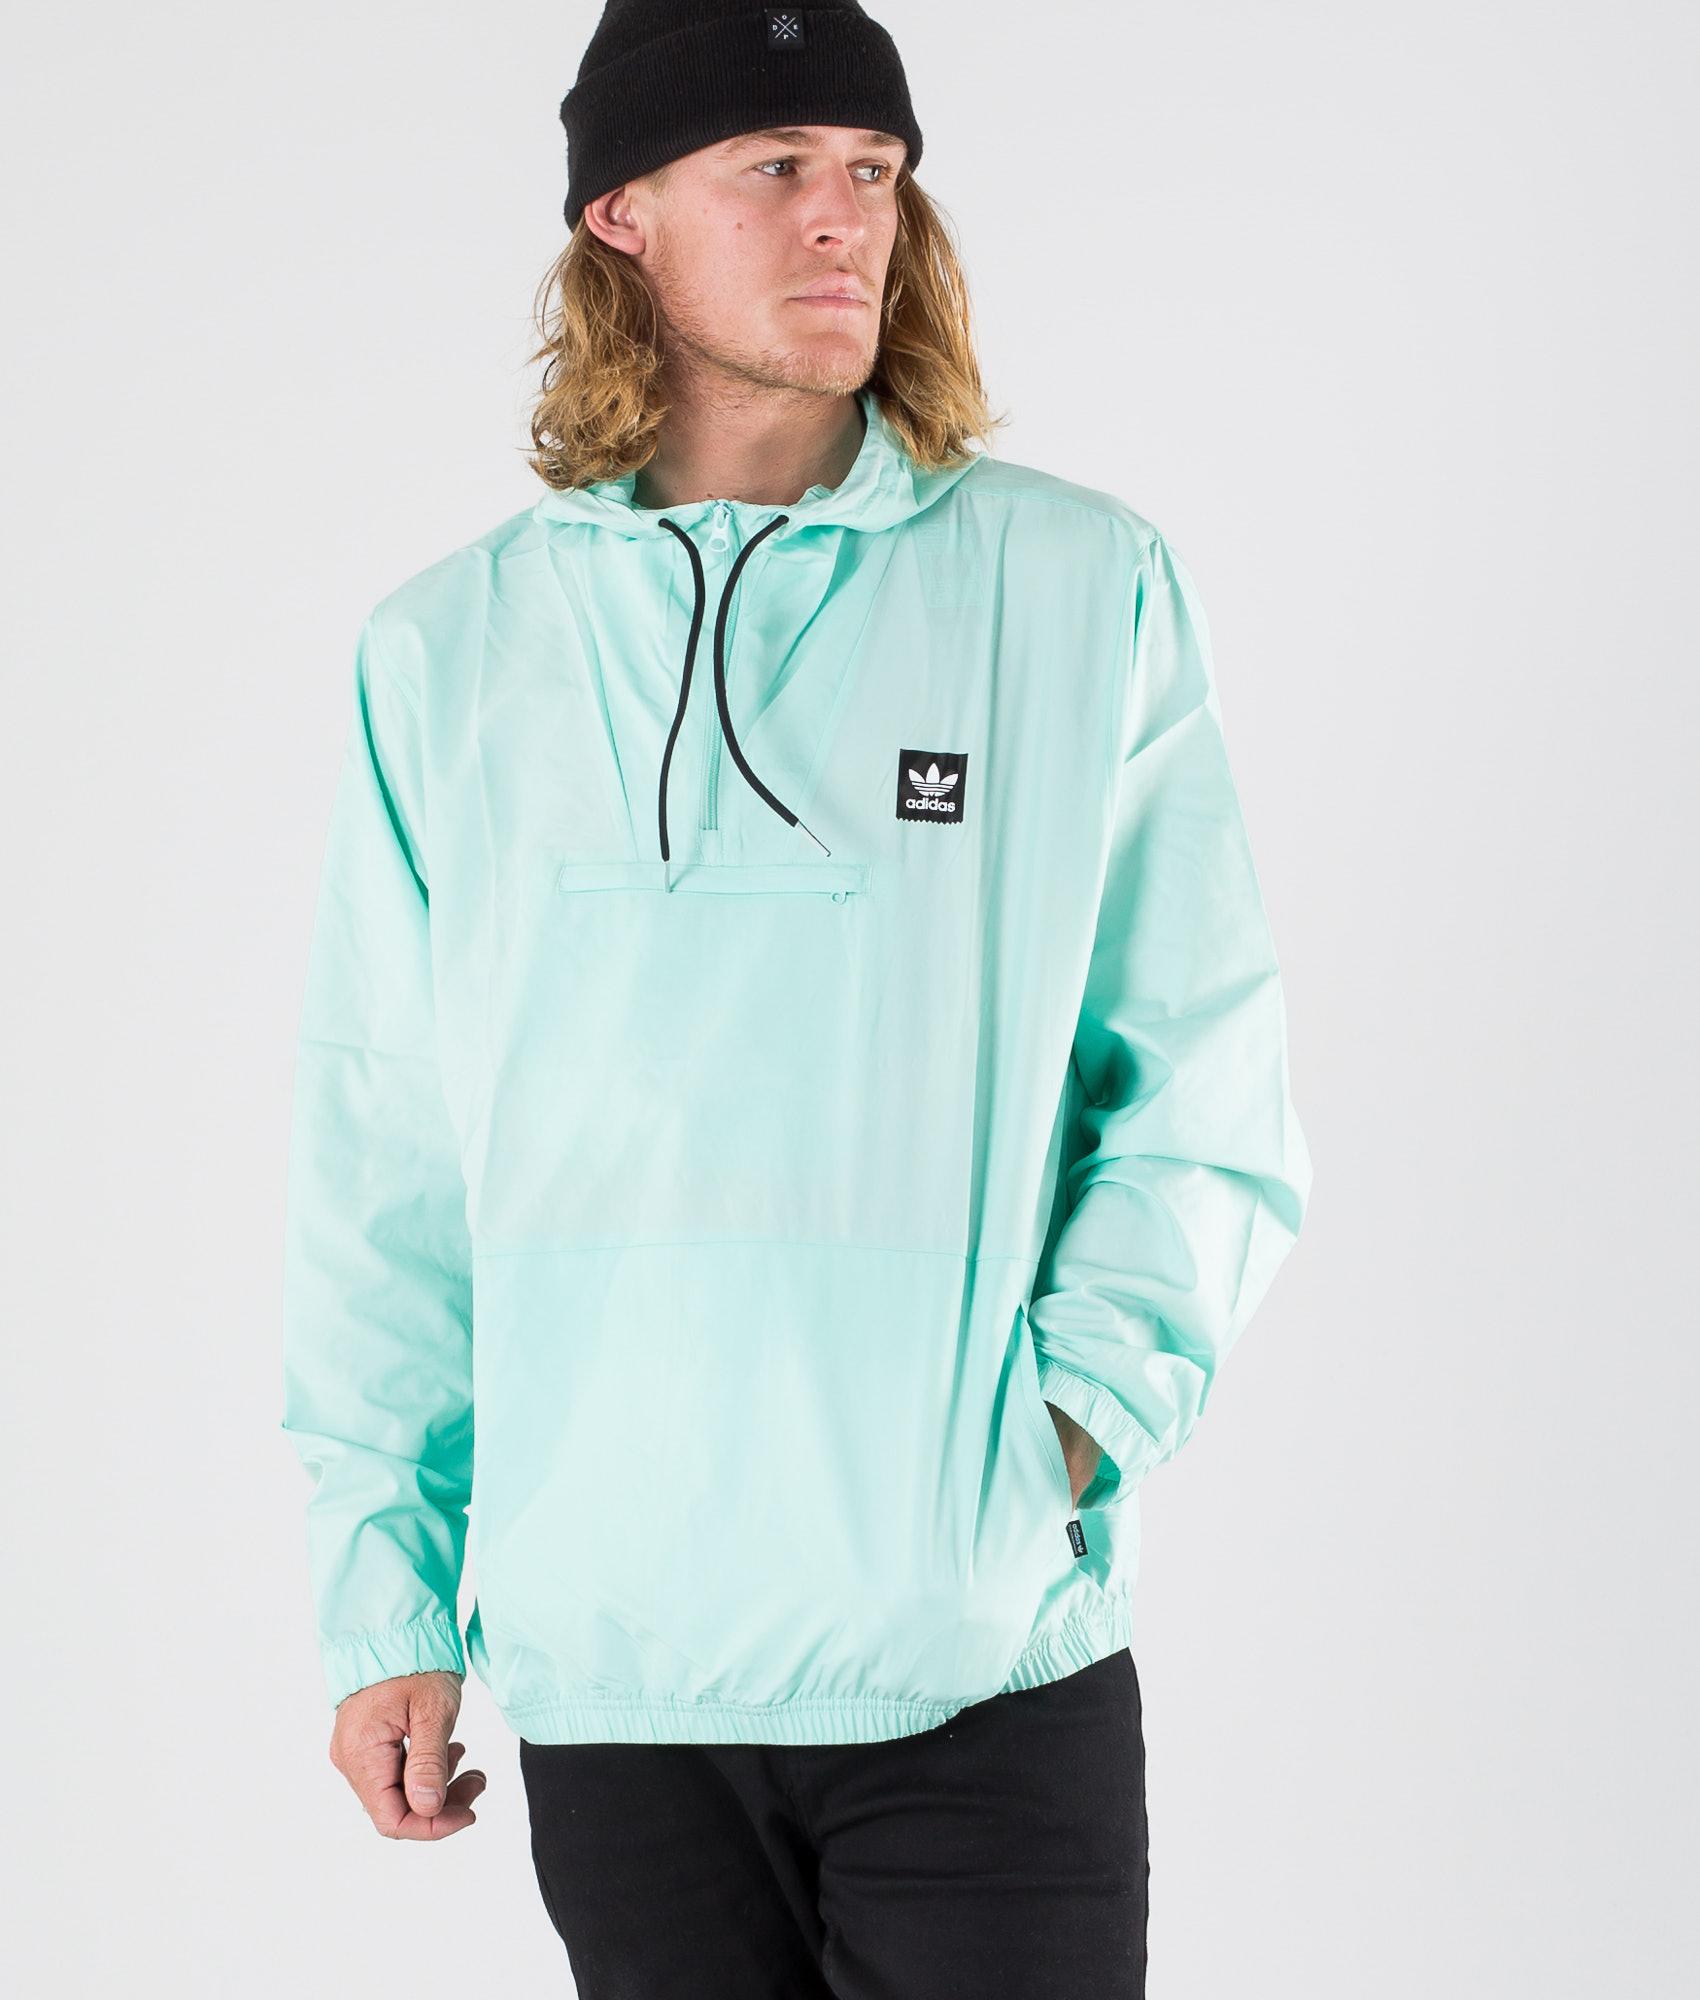 de87dbfc2a Giacche Streetwear Uomo | Spedizione Gratuita | RIDESTORE